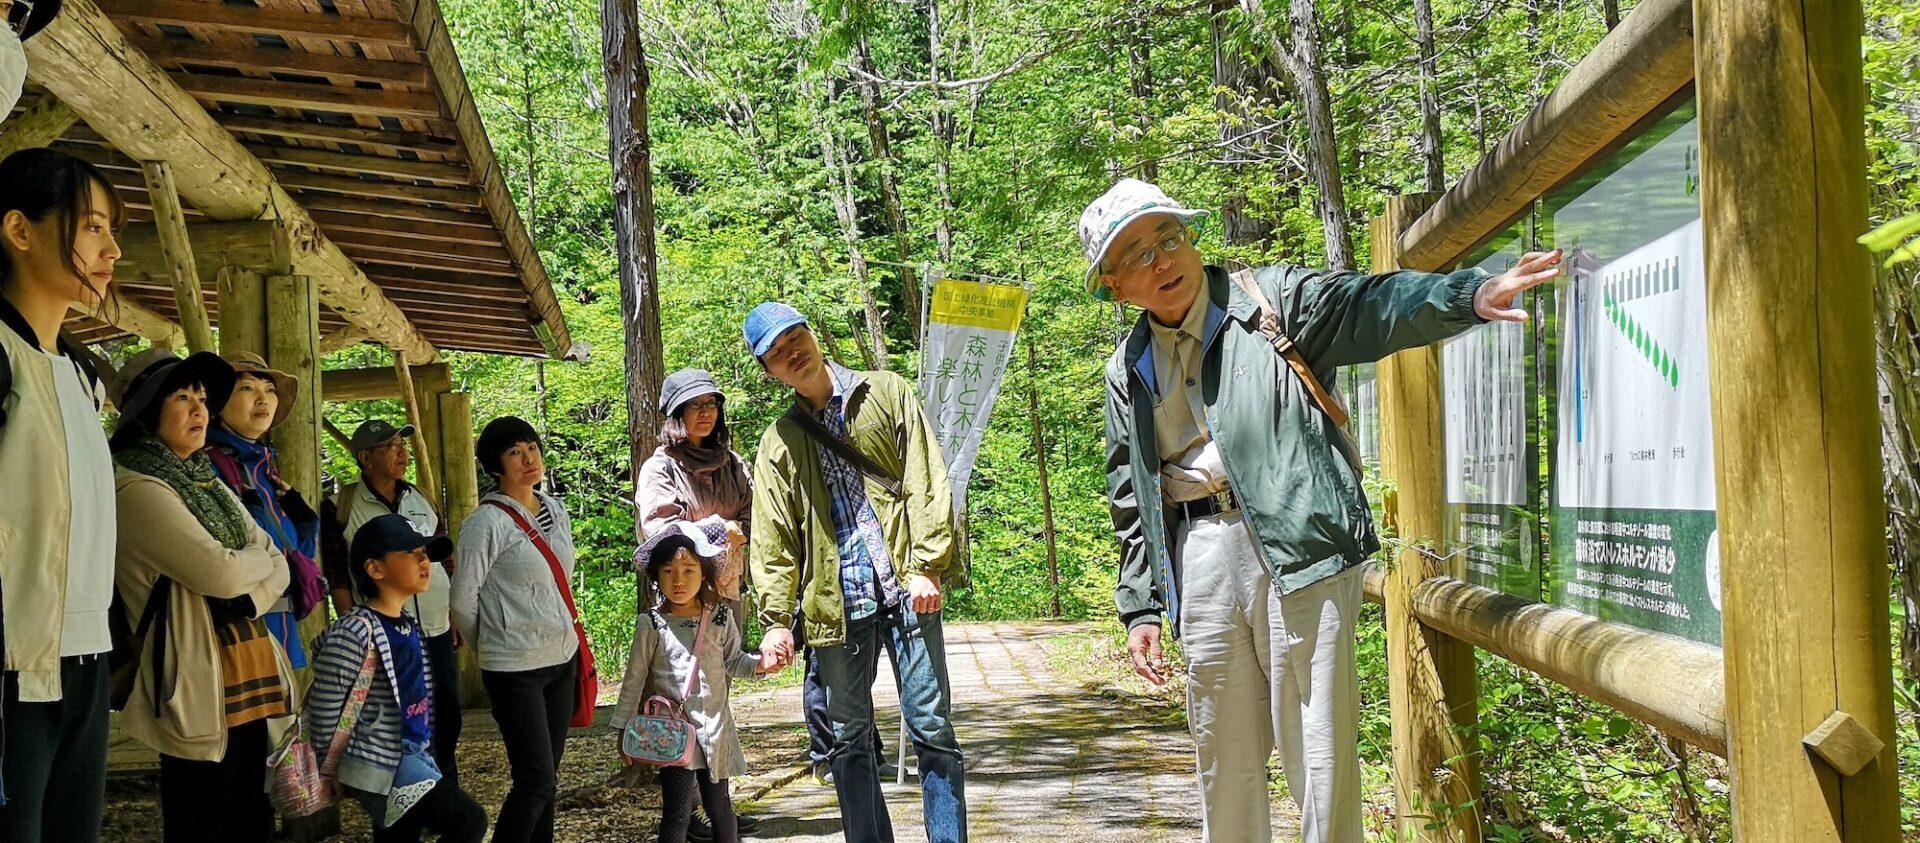 赤沢自然休養林の森林浴